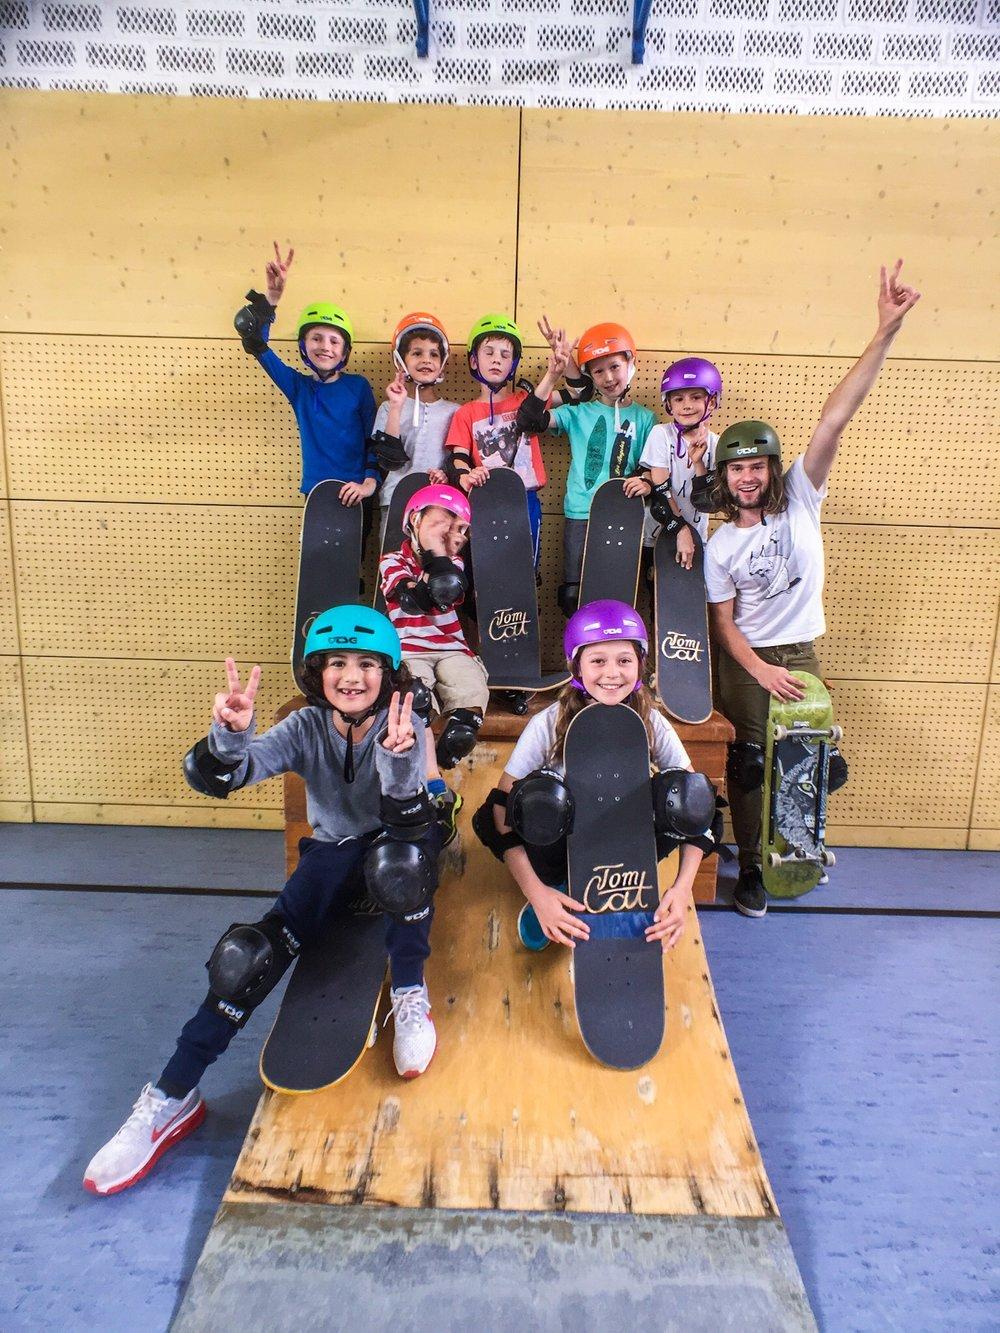 Geburtstagsparty Skateboard Geburtstag Geburtstag Skatekurs Geburtstags Skateboard Kurs Geburtstagsfeier.JPG